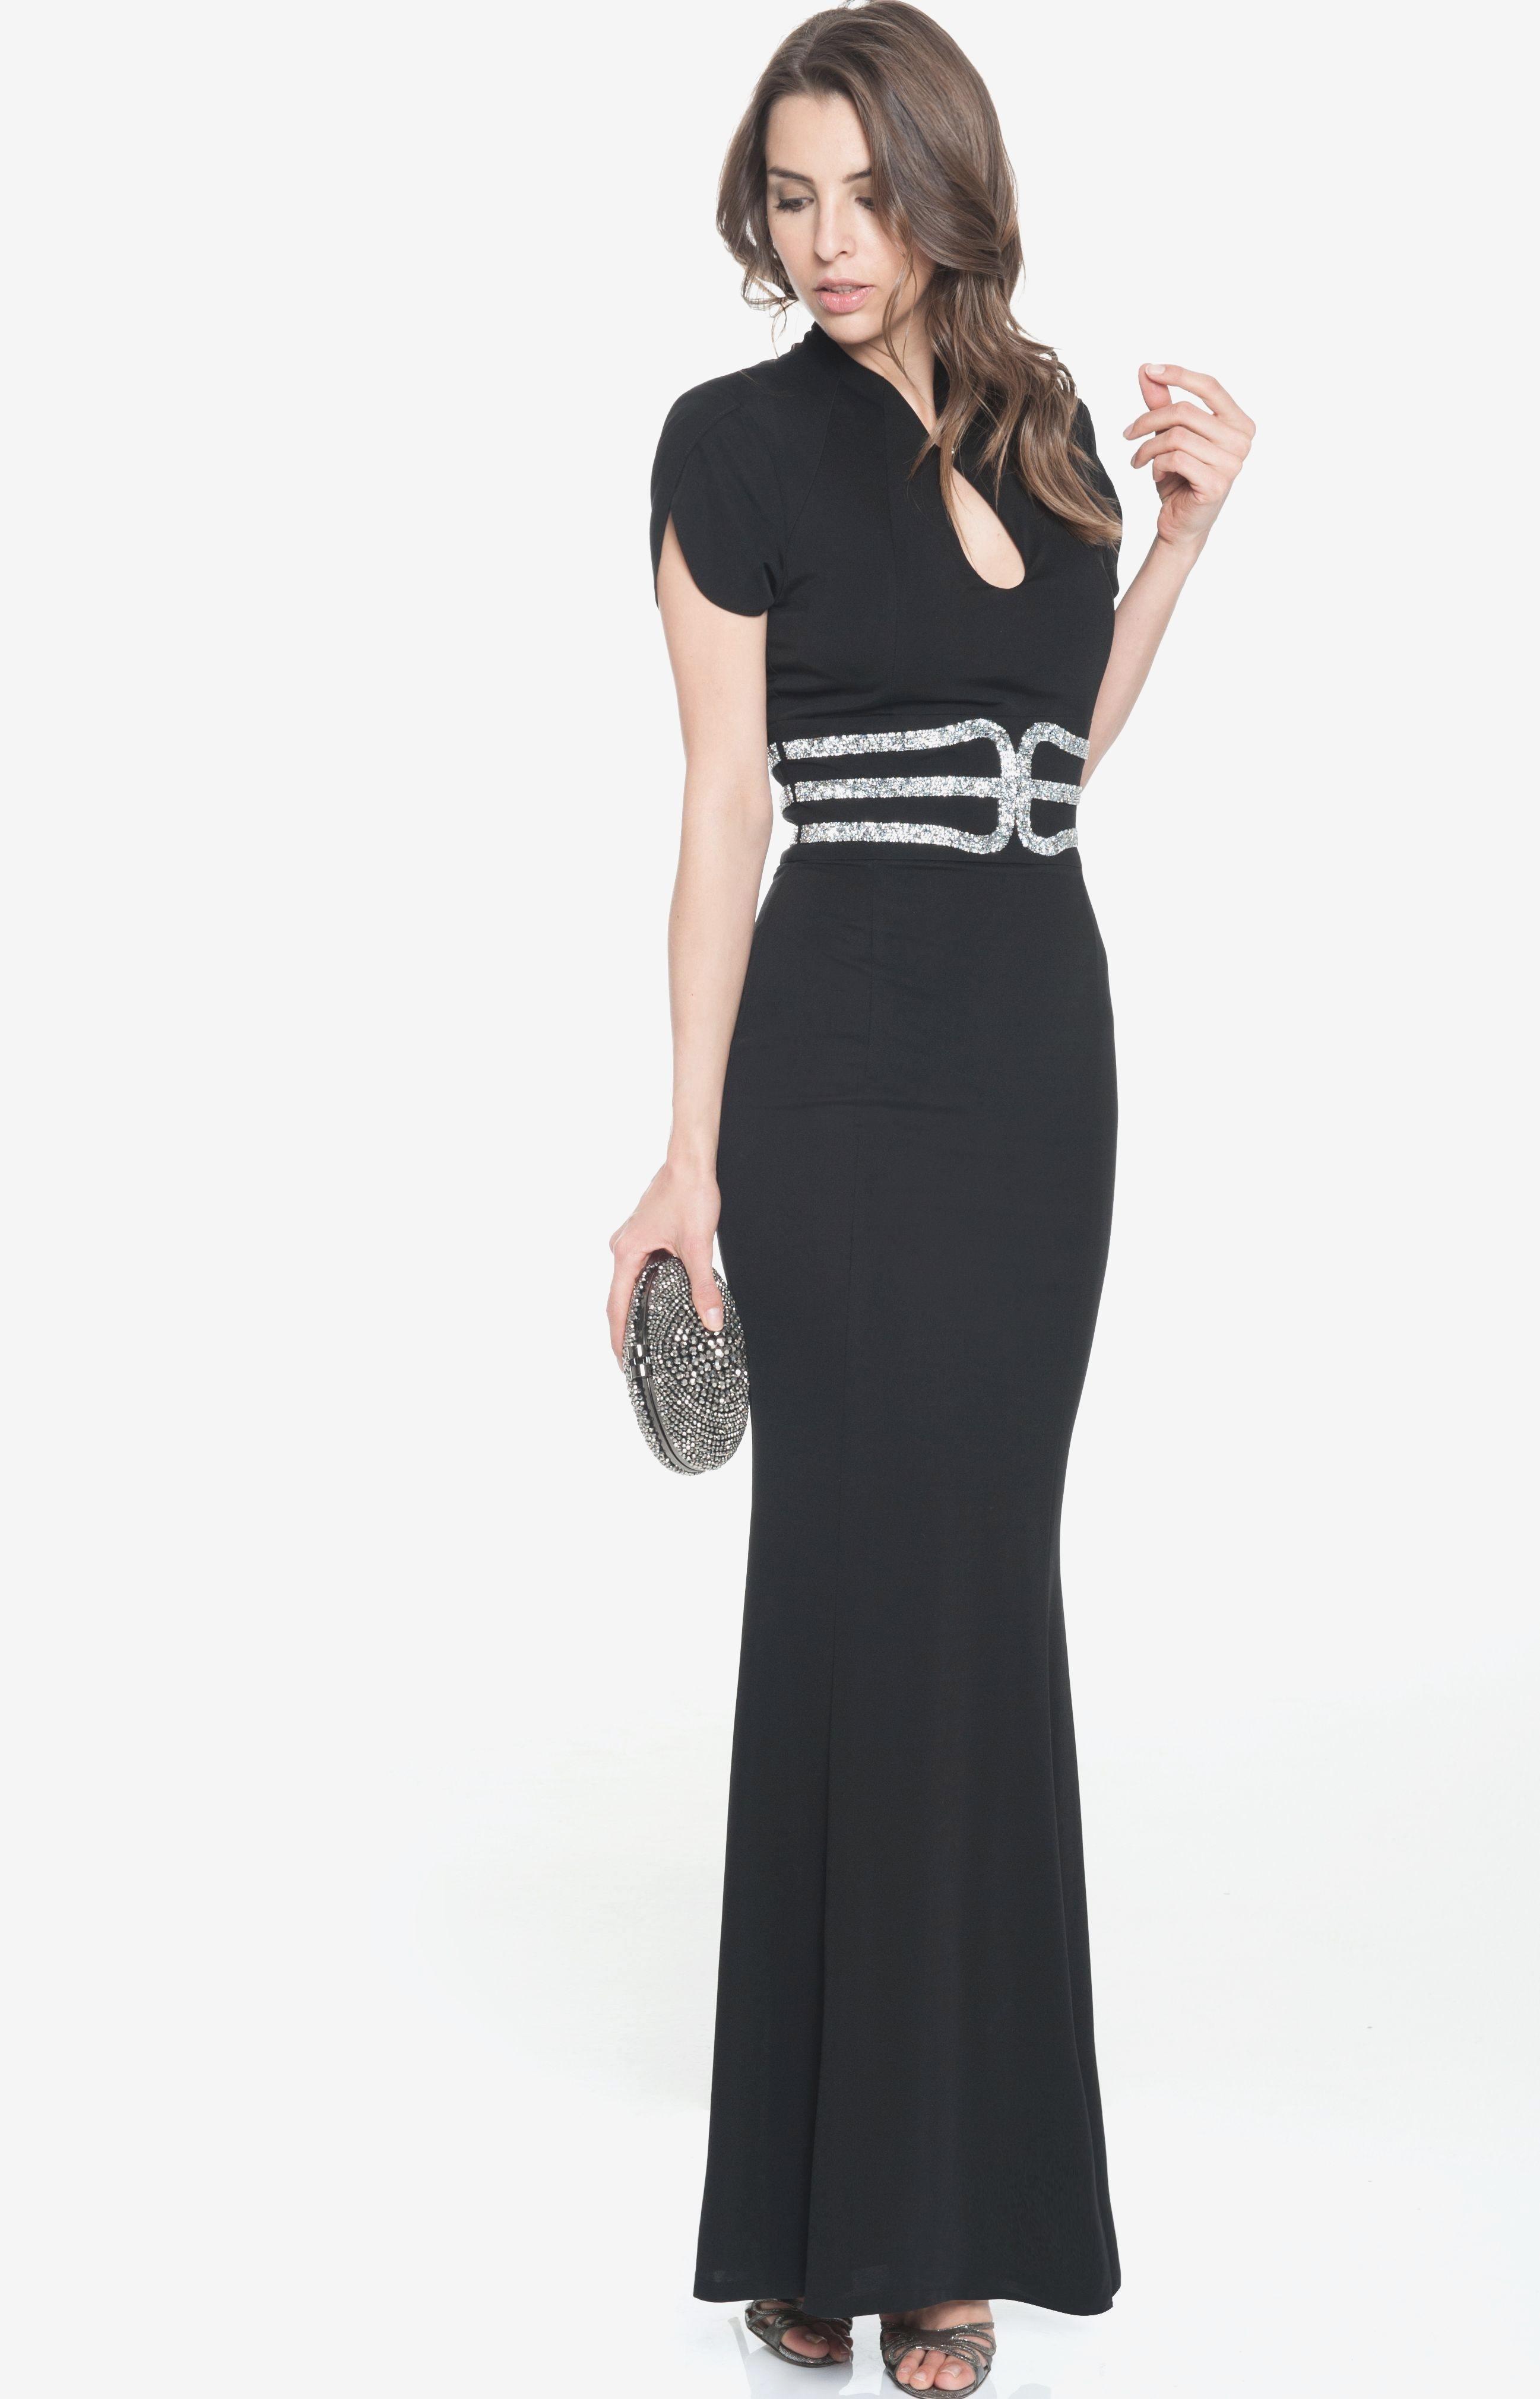 Abend Schön Abendkleider Verleih Ärmel Ausgezeichnet Abendkleider Verleih für 2019